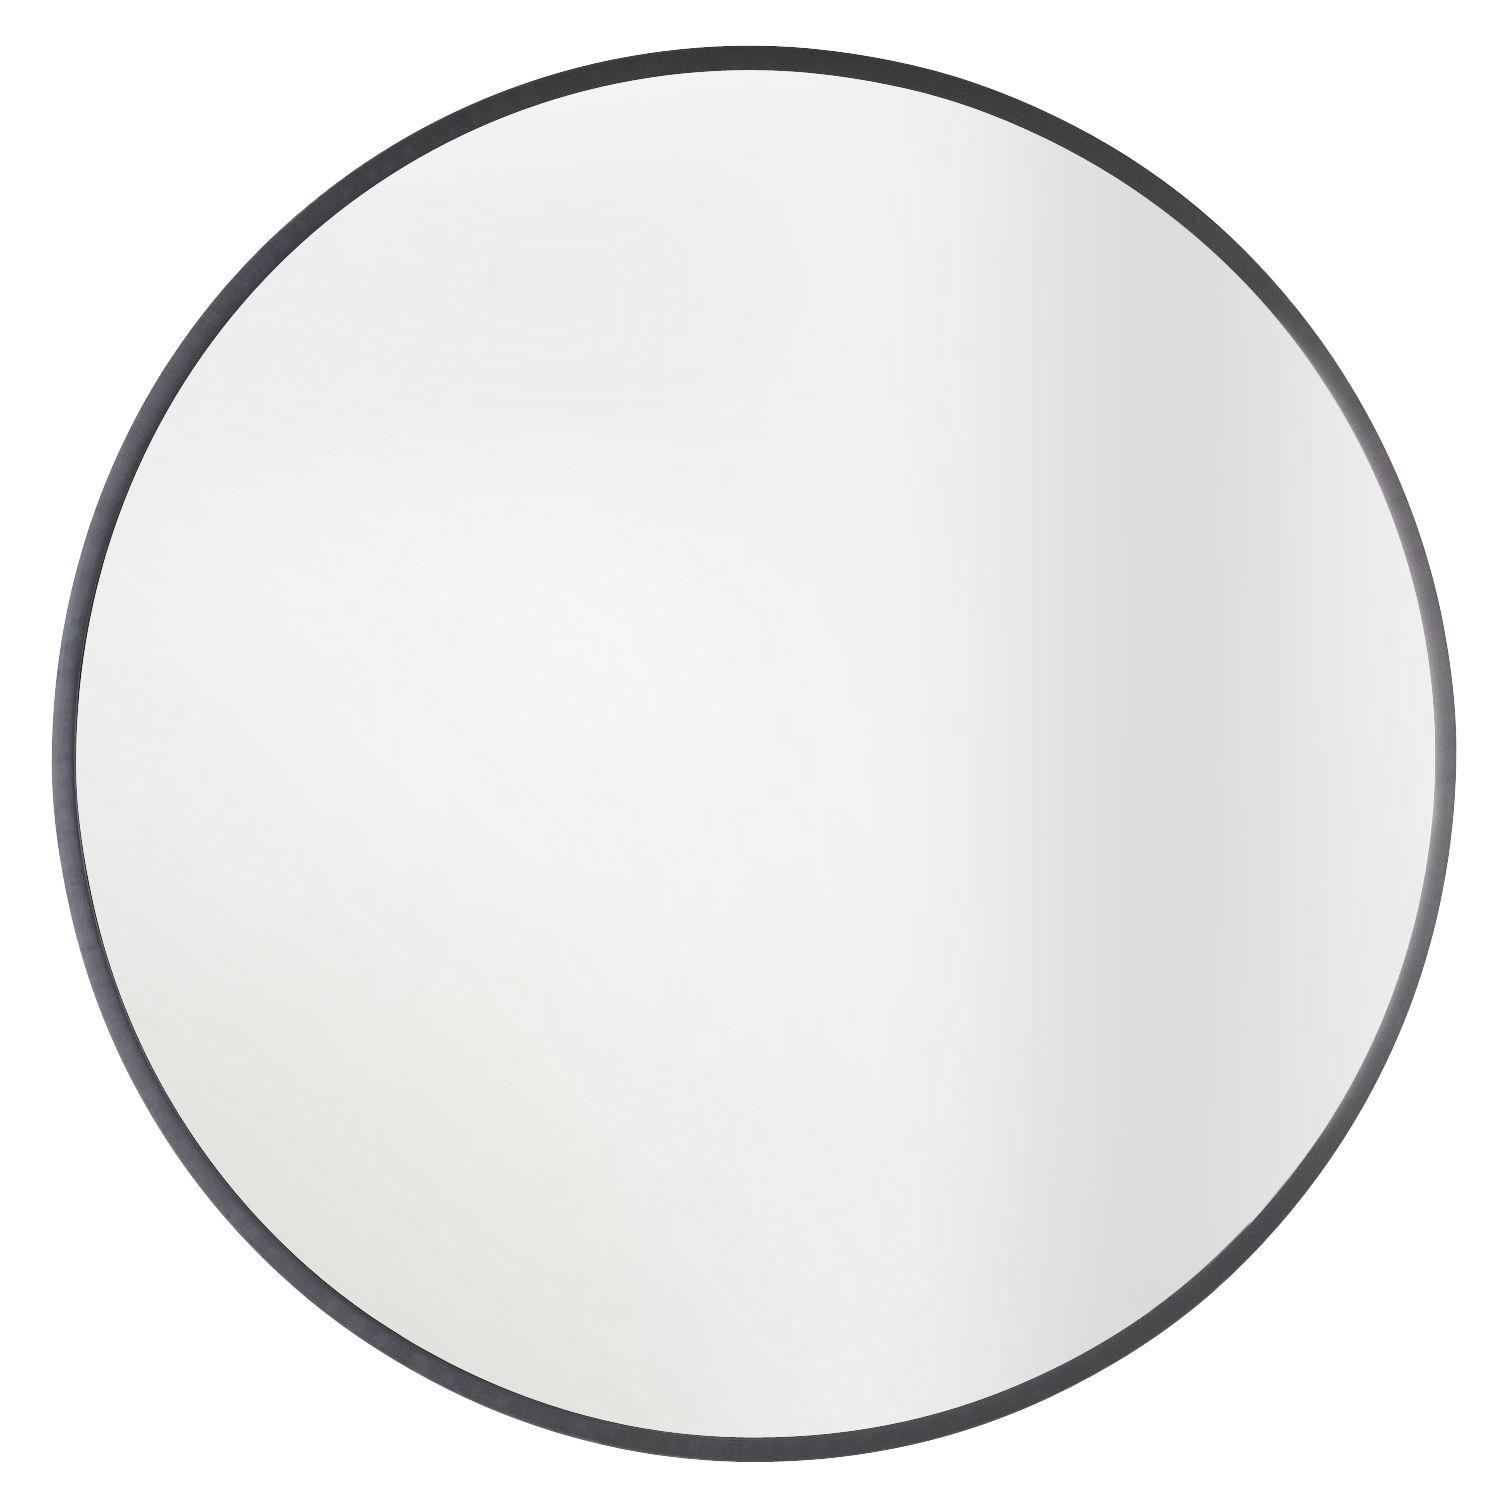 Hub mirror 91 cm black by umbra for Miroir umbra